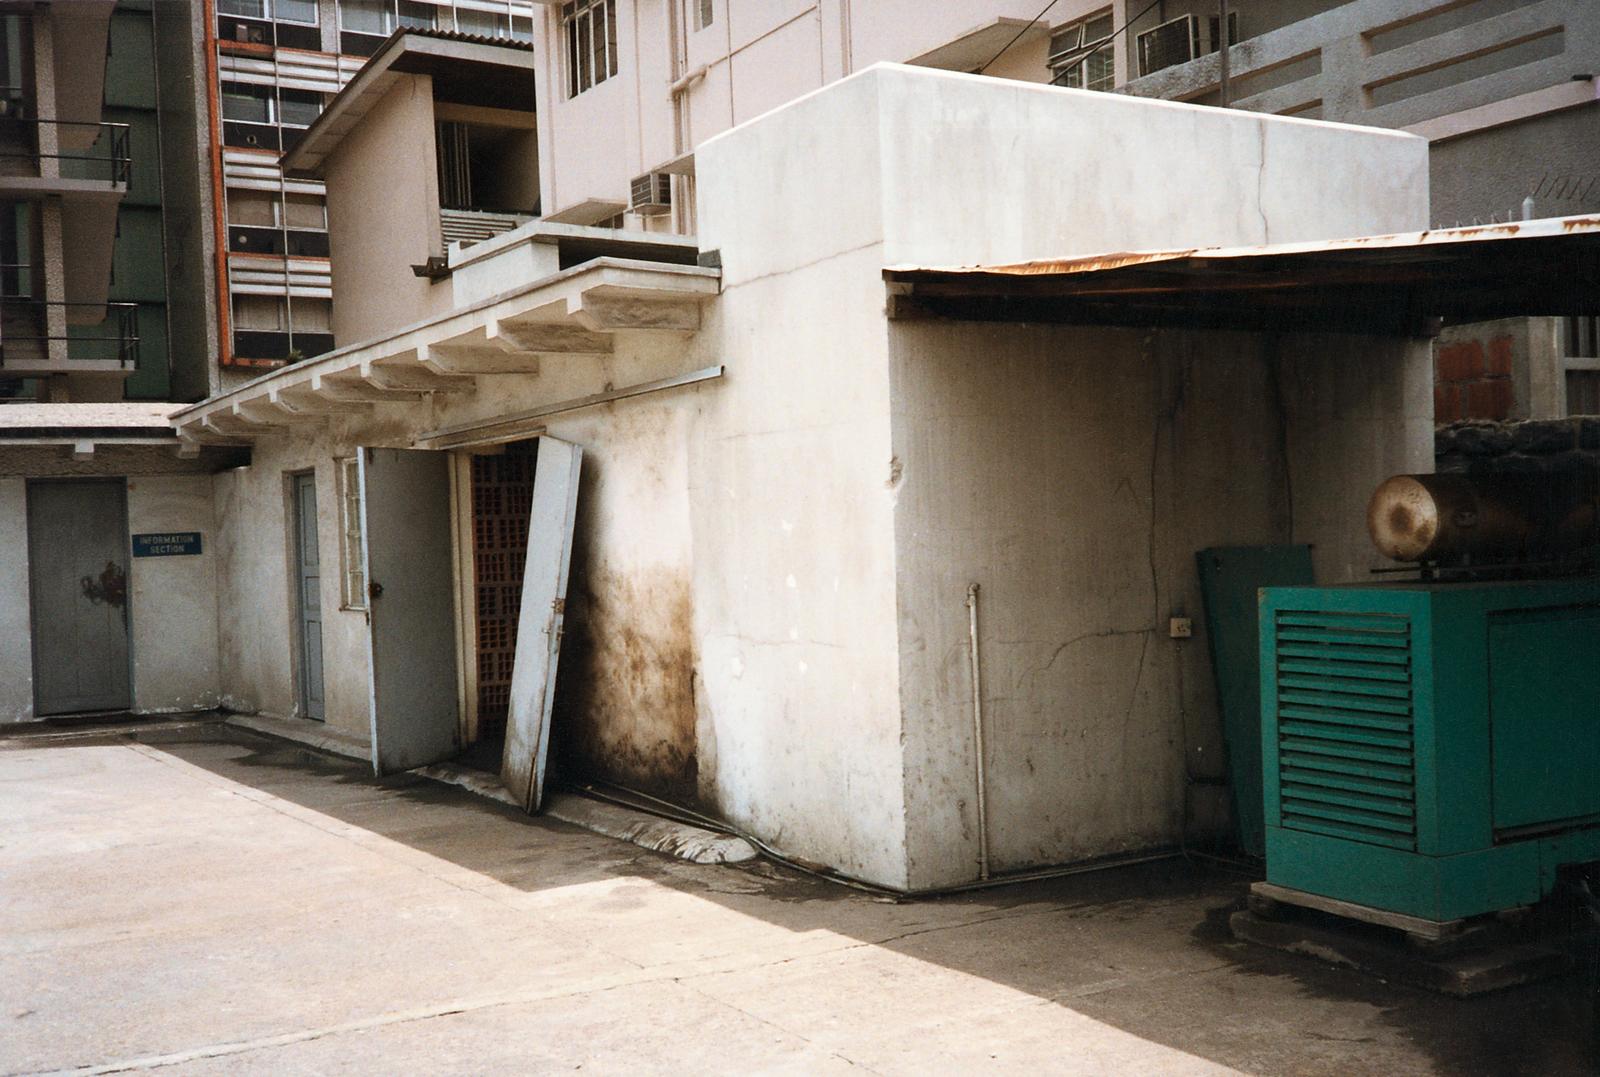 Lagos - Annex Office Building - 1989